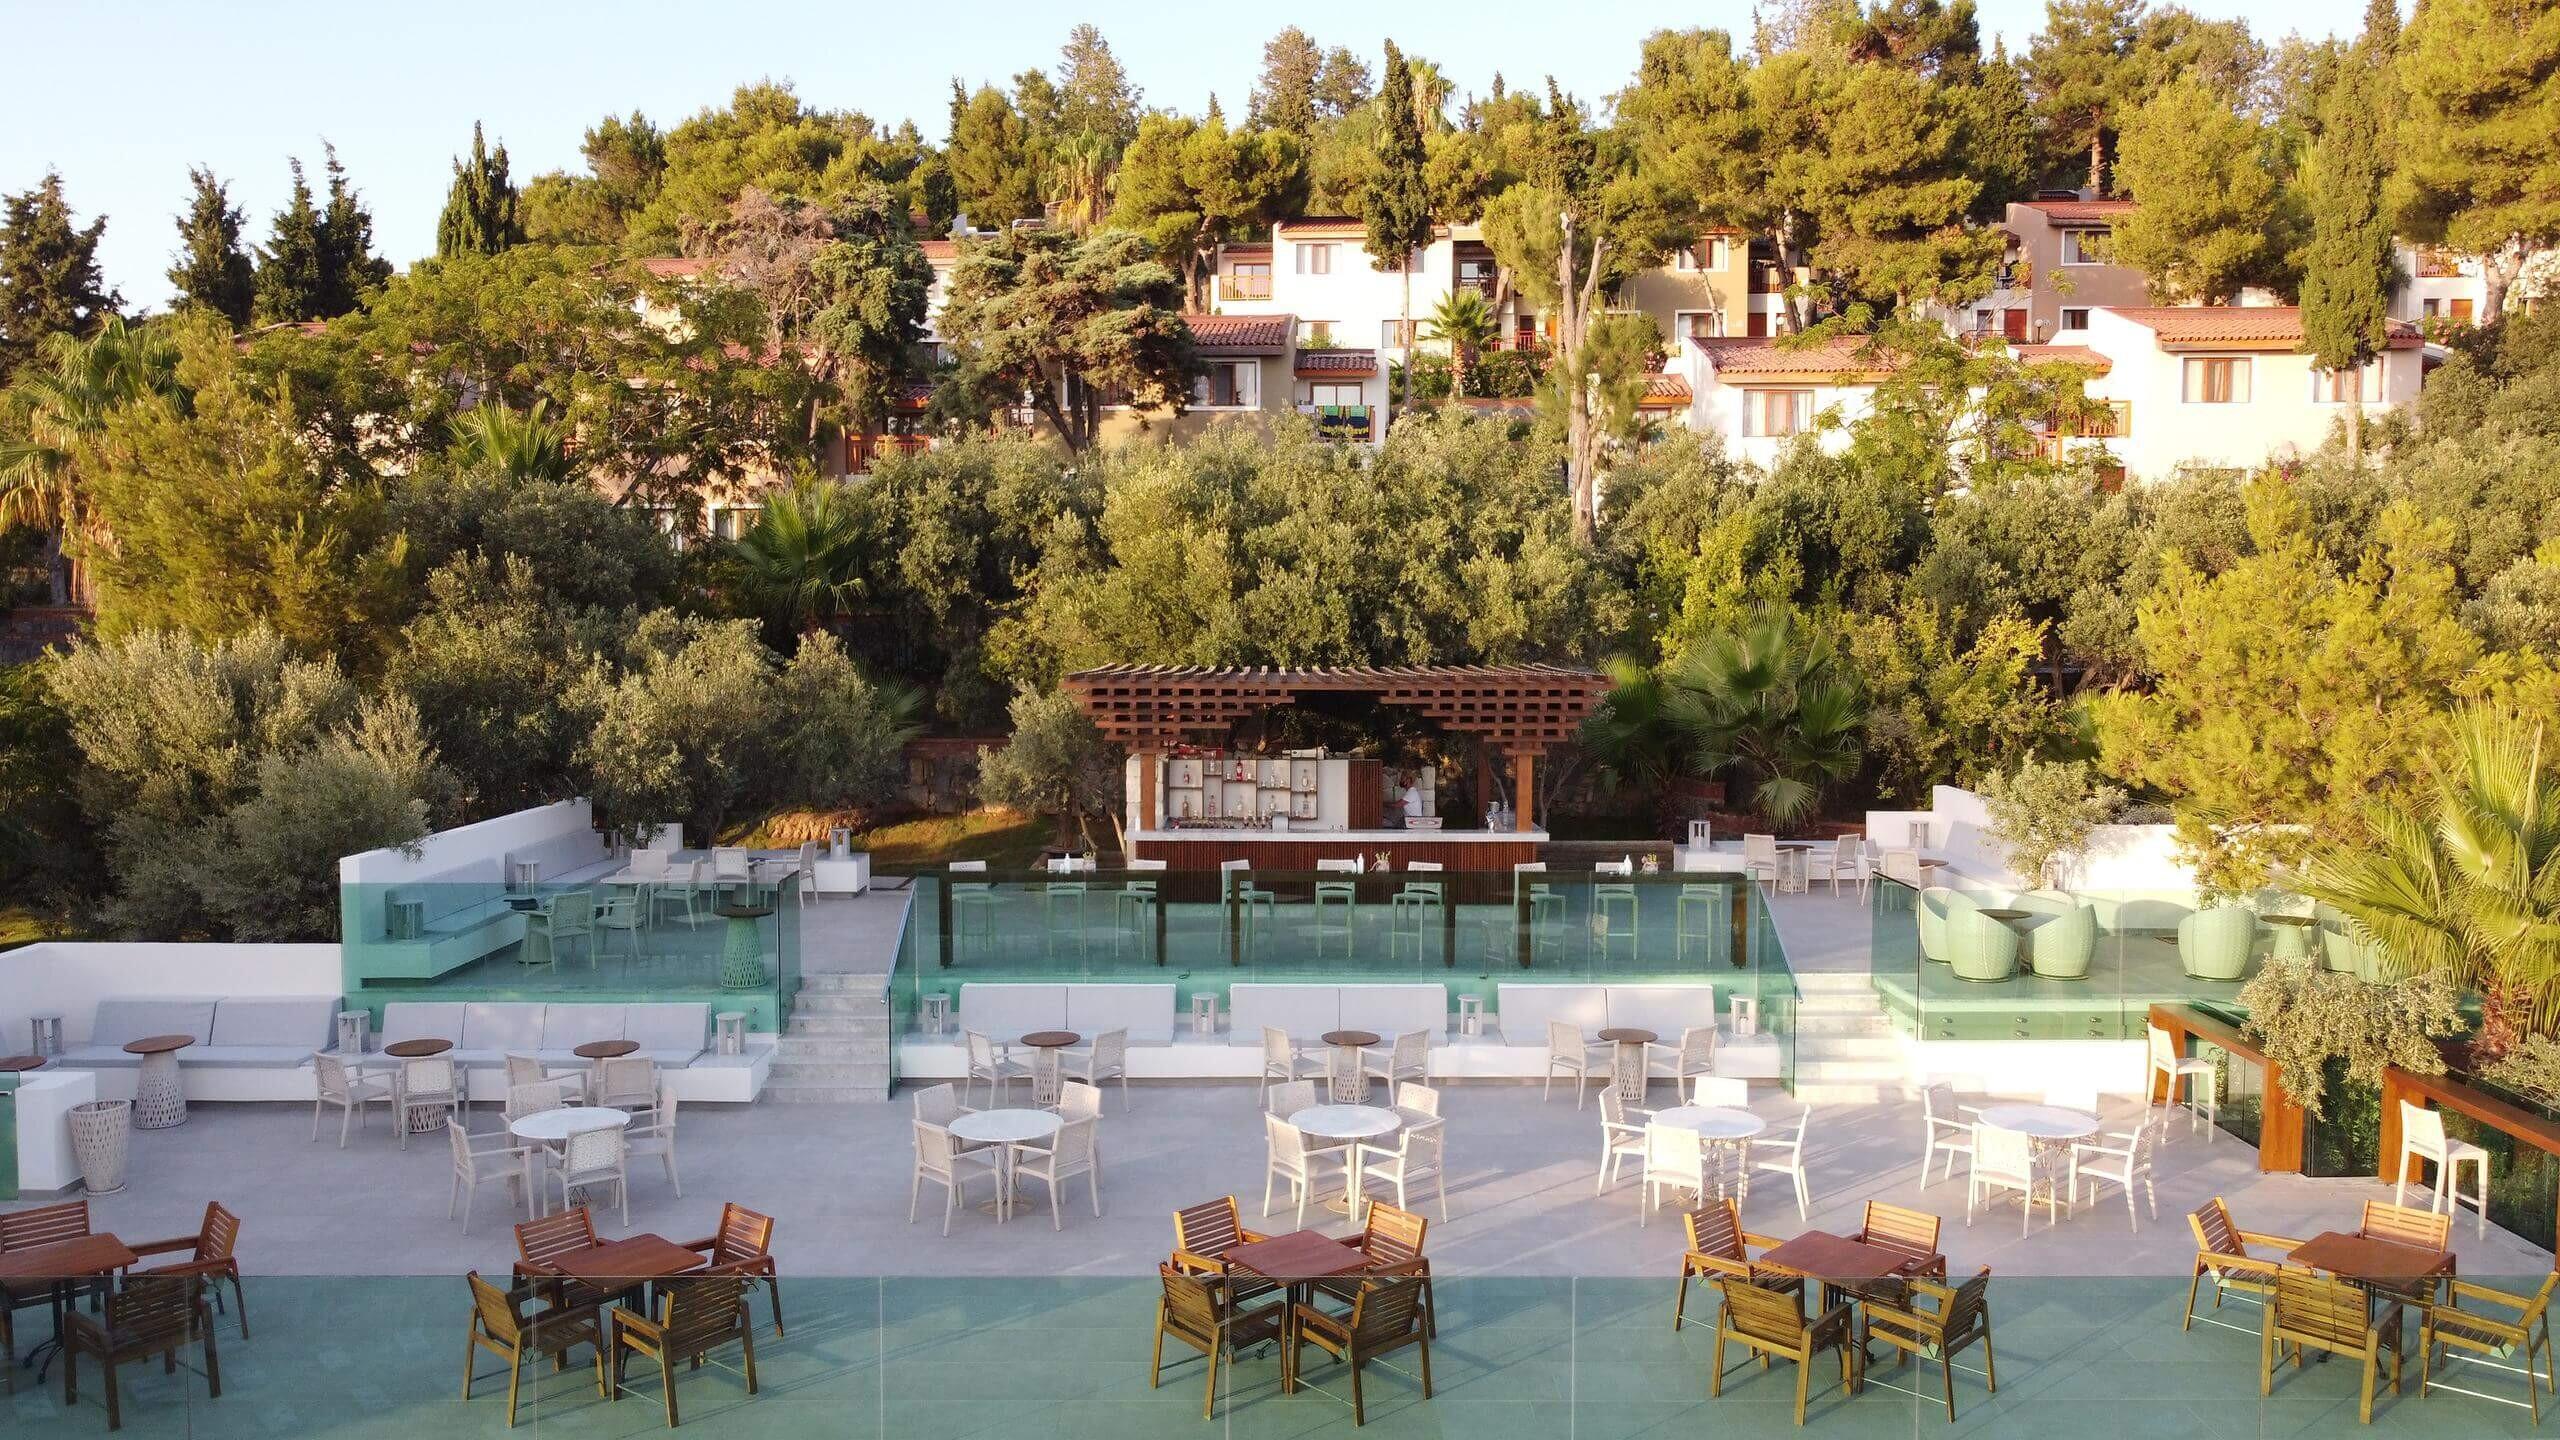 Pine Bay Holiday Resort - ресторант